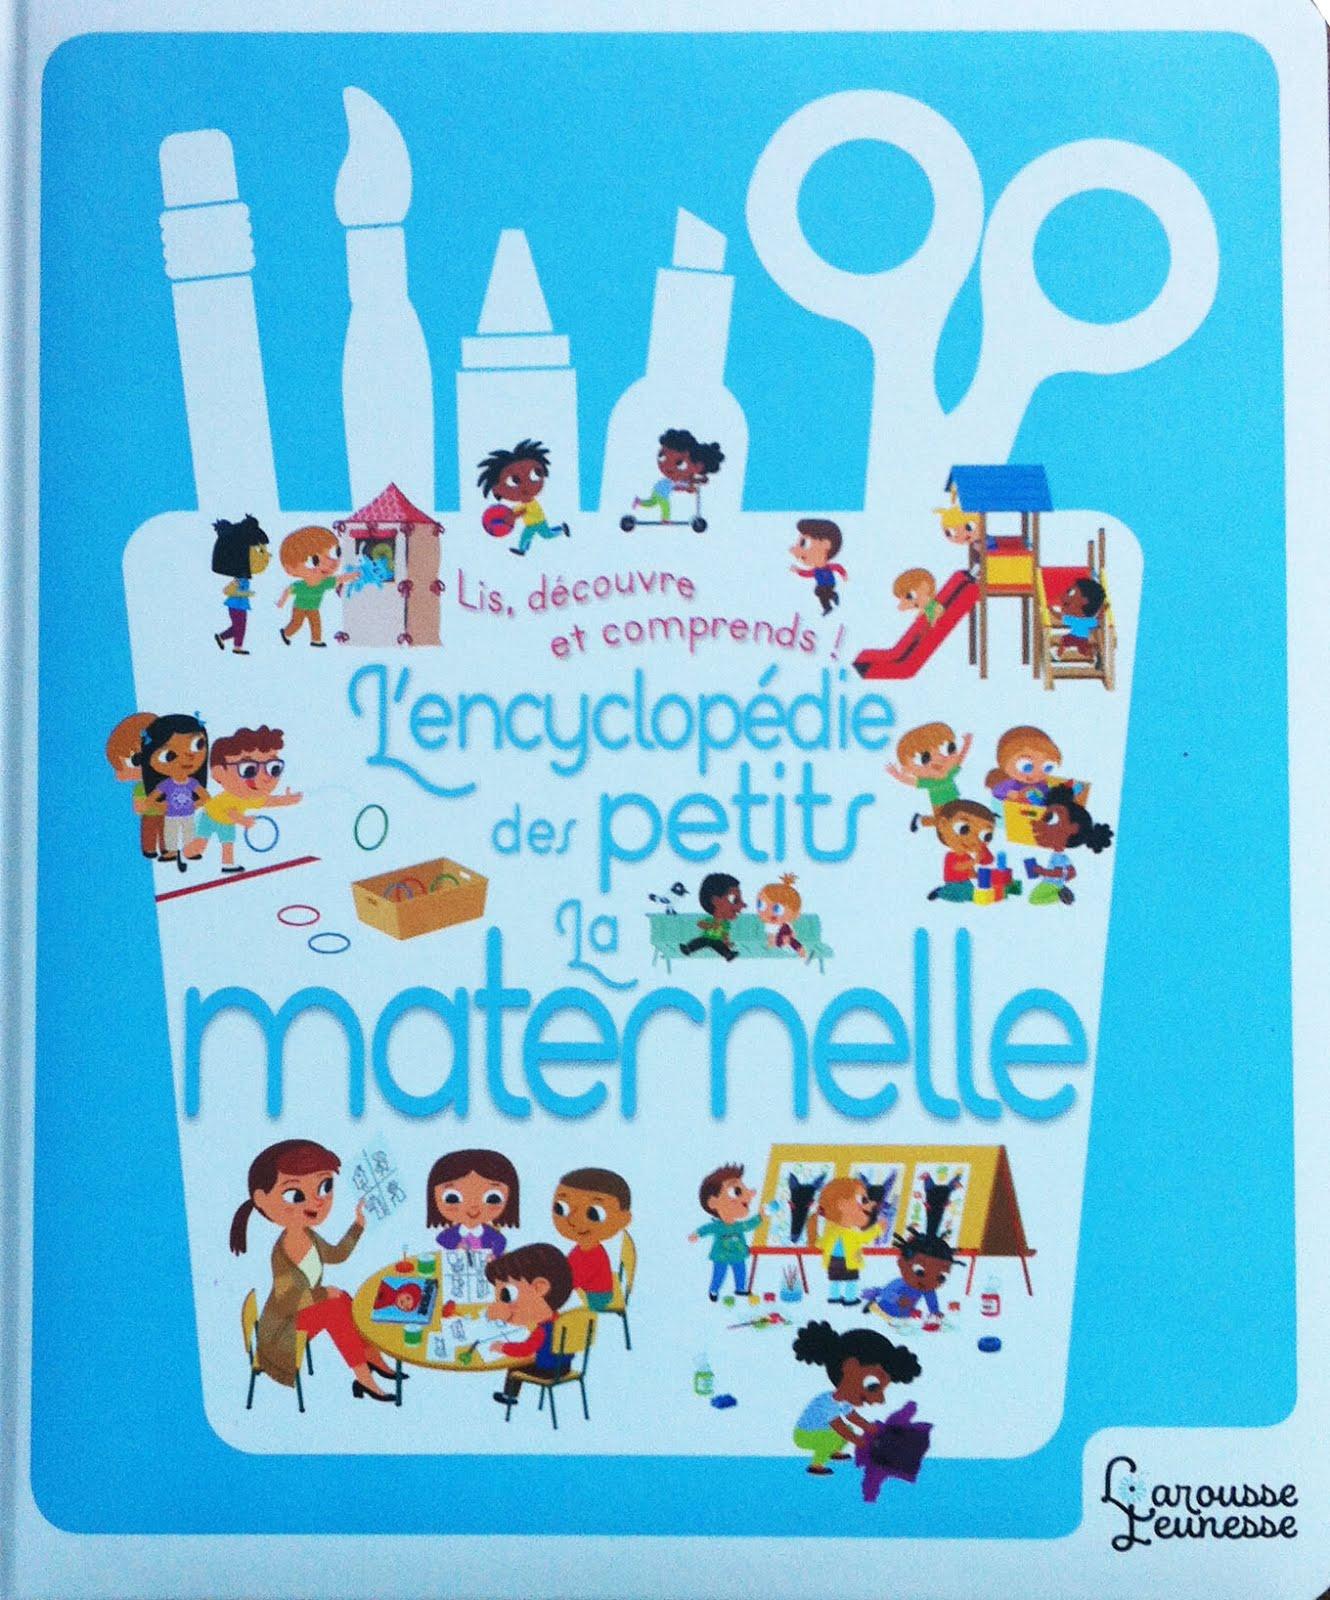 La maternelle - L'encyclopédie des petits